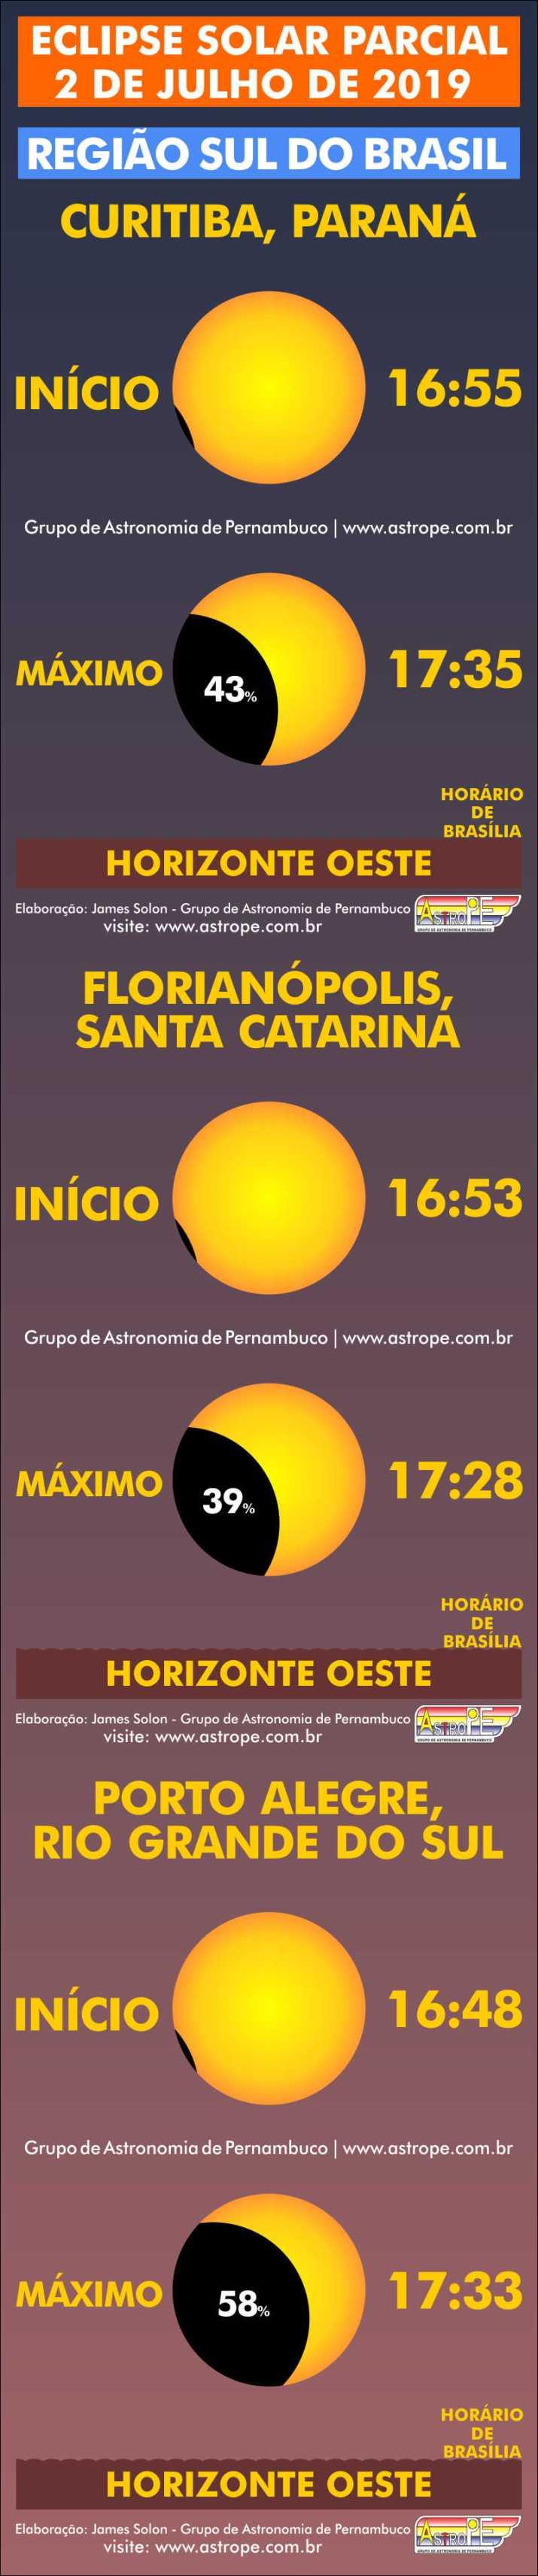 Horários do Eclipse Solar Parcial de 2 de julho de 2019 no Brasil na Região Sul. Crédito: AstroPE.